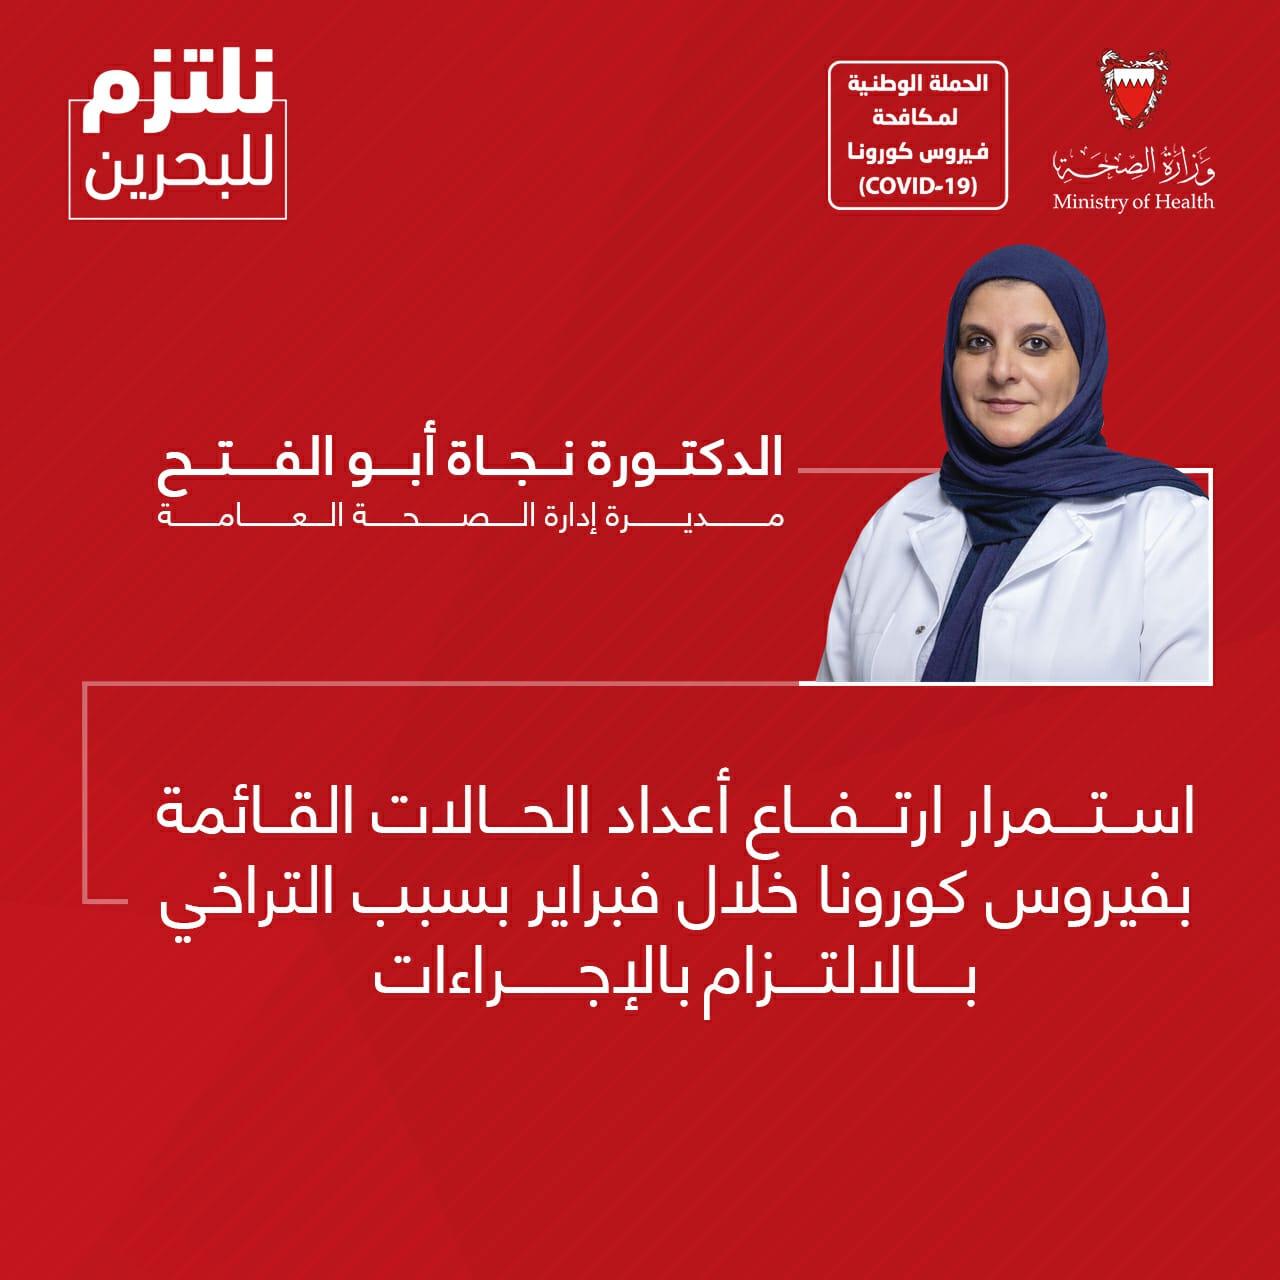 الدكتورة نجاة أبو الفتح: استمرار ارتفاع أعداد الحالات القائمة بفيروس كورونا خلال فبراير بسبب التراخي بالالتزام بالإجراءات